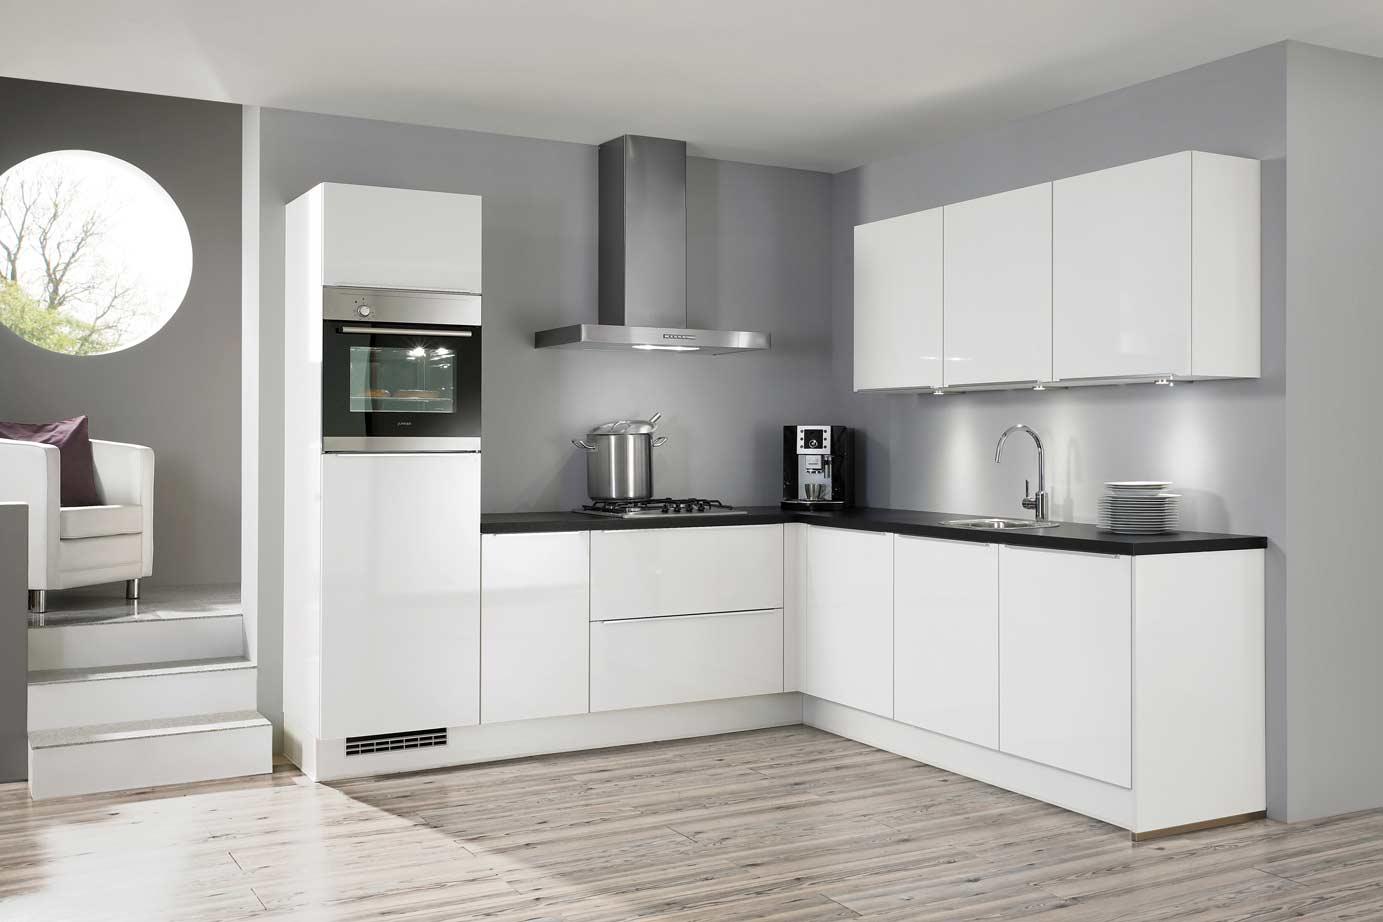 Ikea keukenkast zonder front u informatie over de keuken